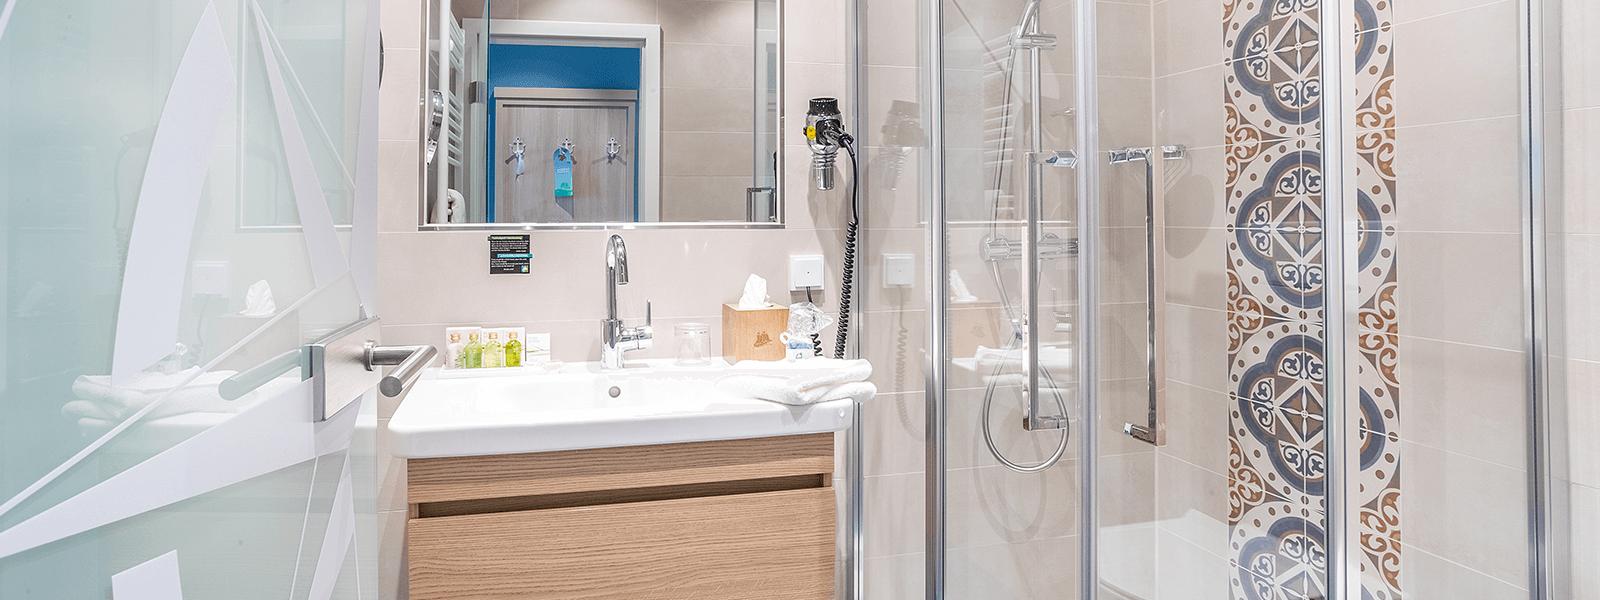 Blick ins Bad auf Waschbecken und Dusche